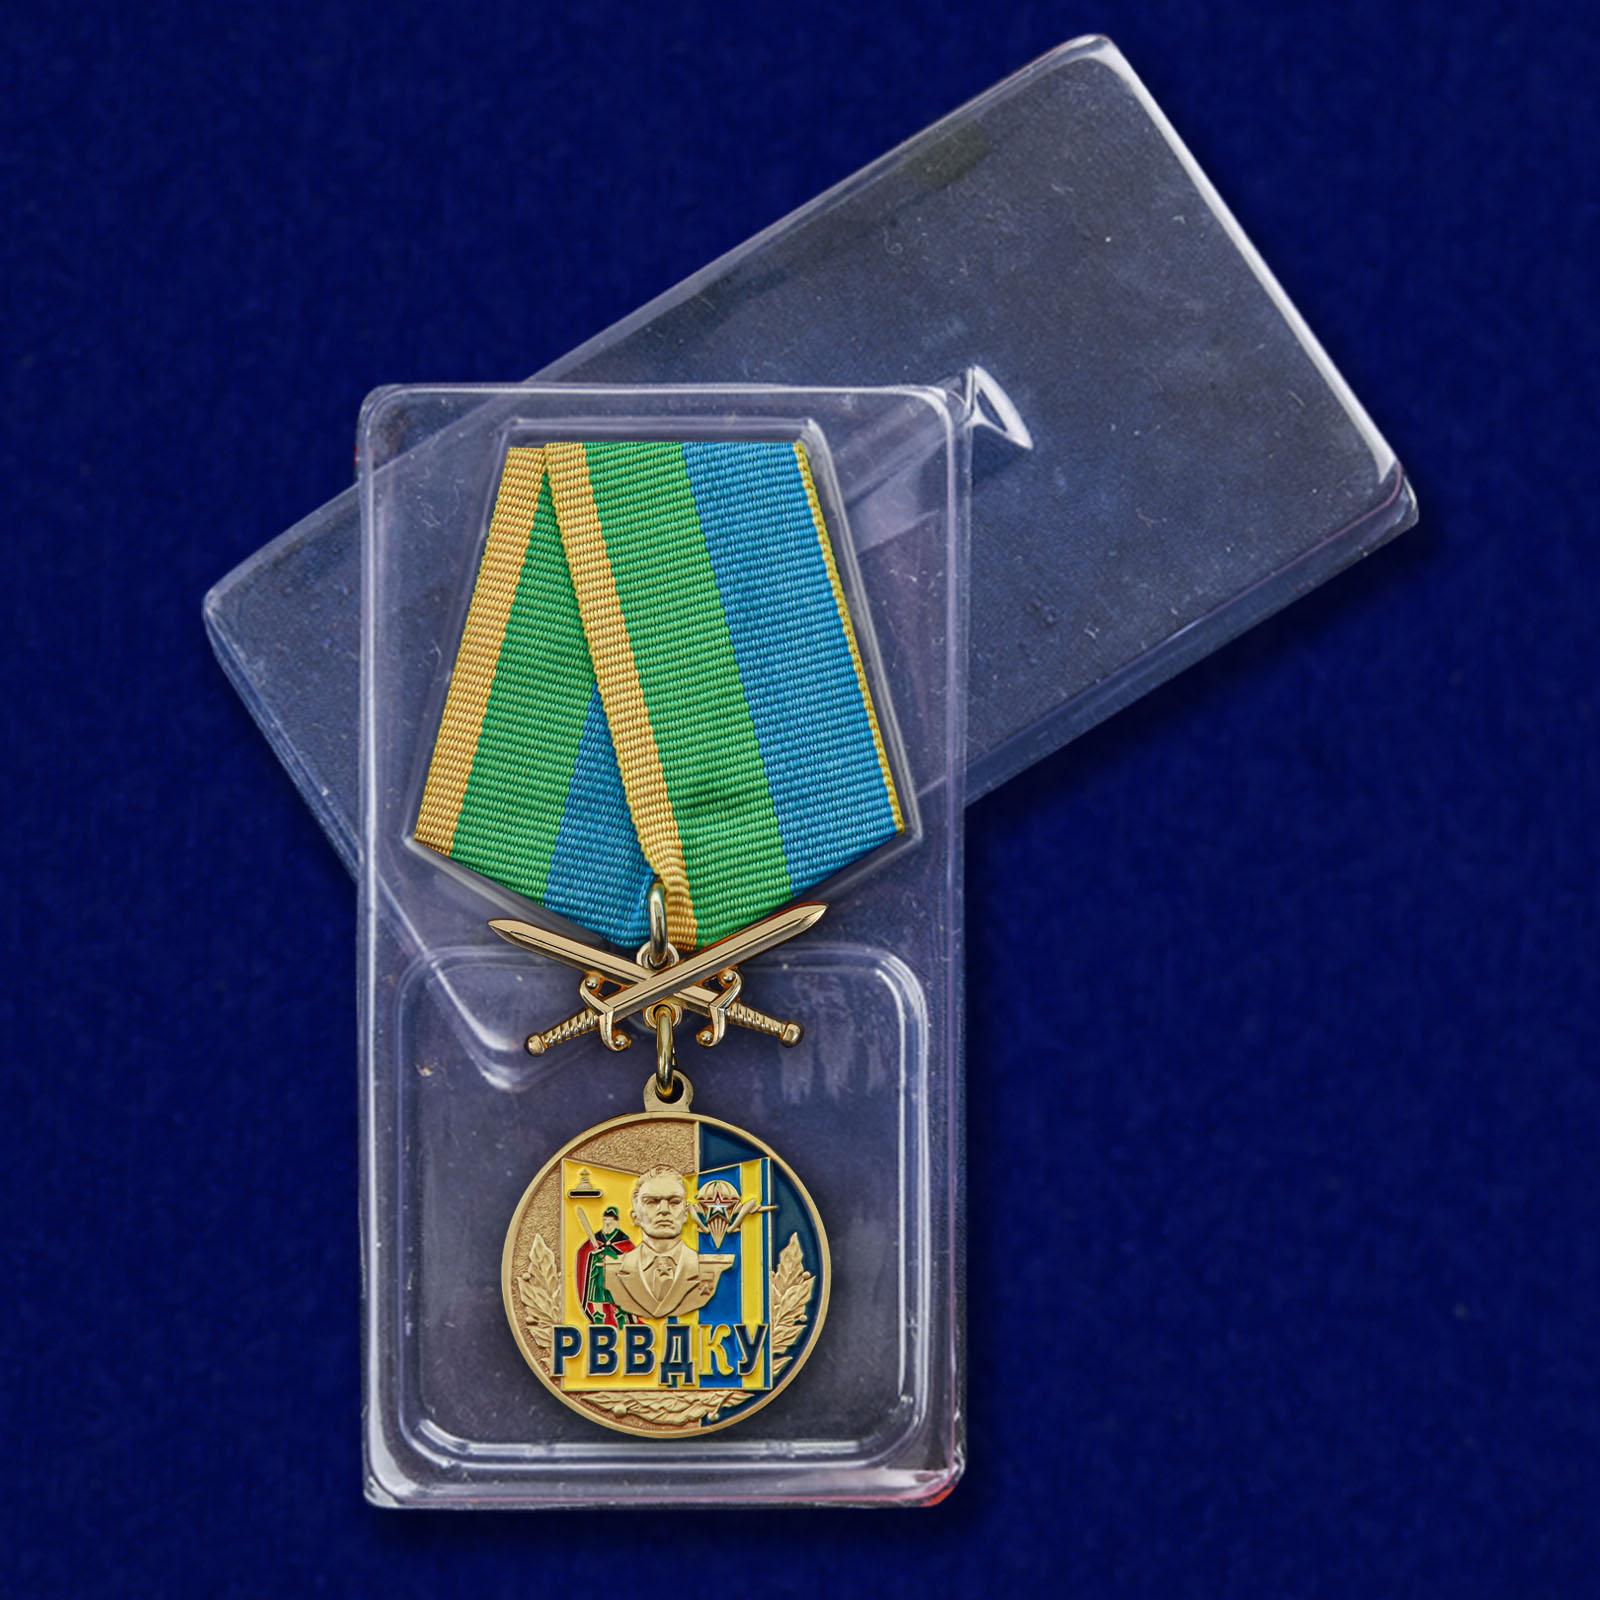 Медаль РВВДКУ - с доставкой